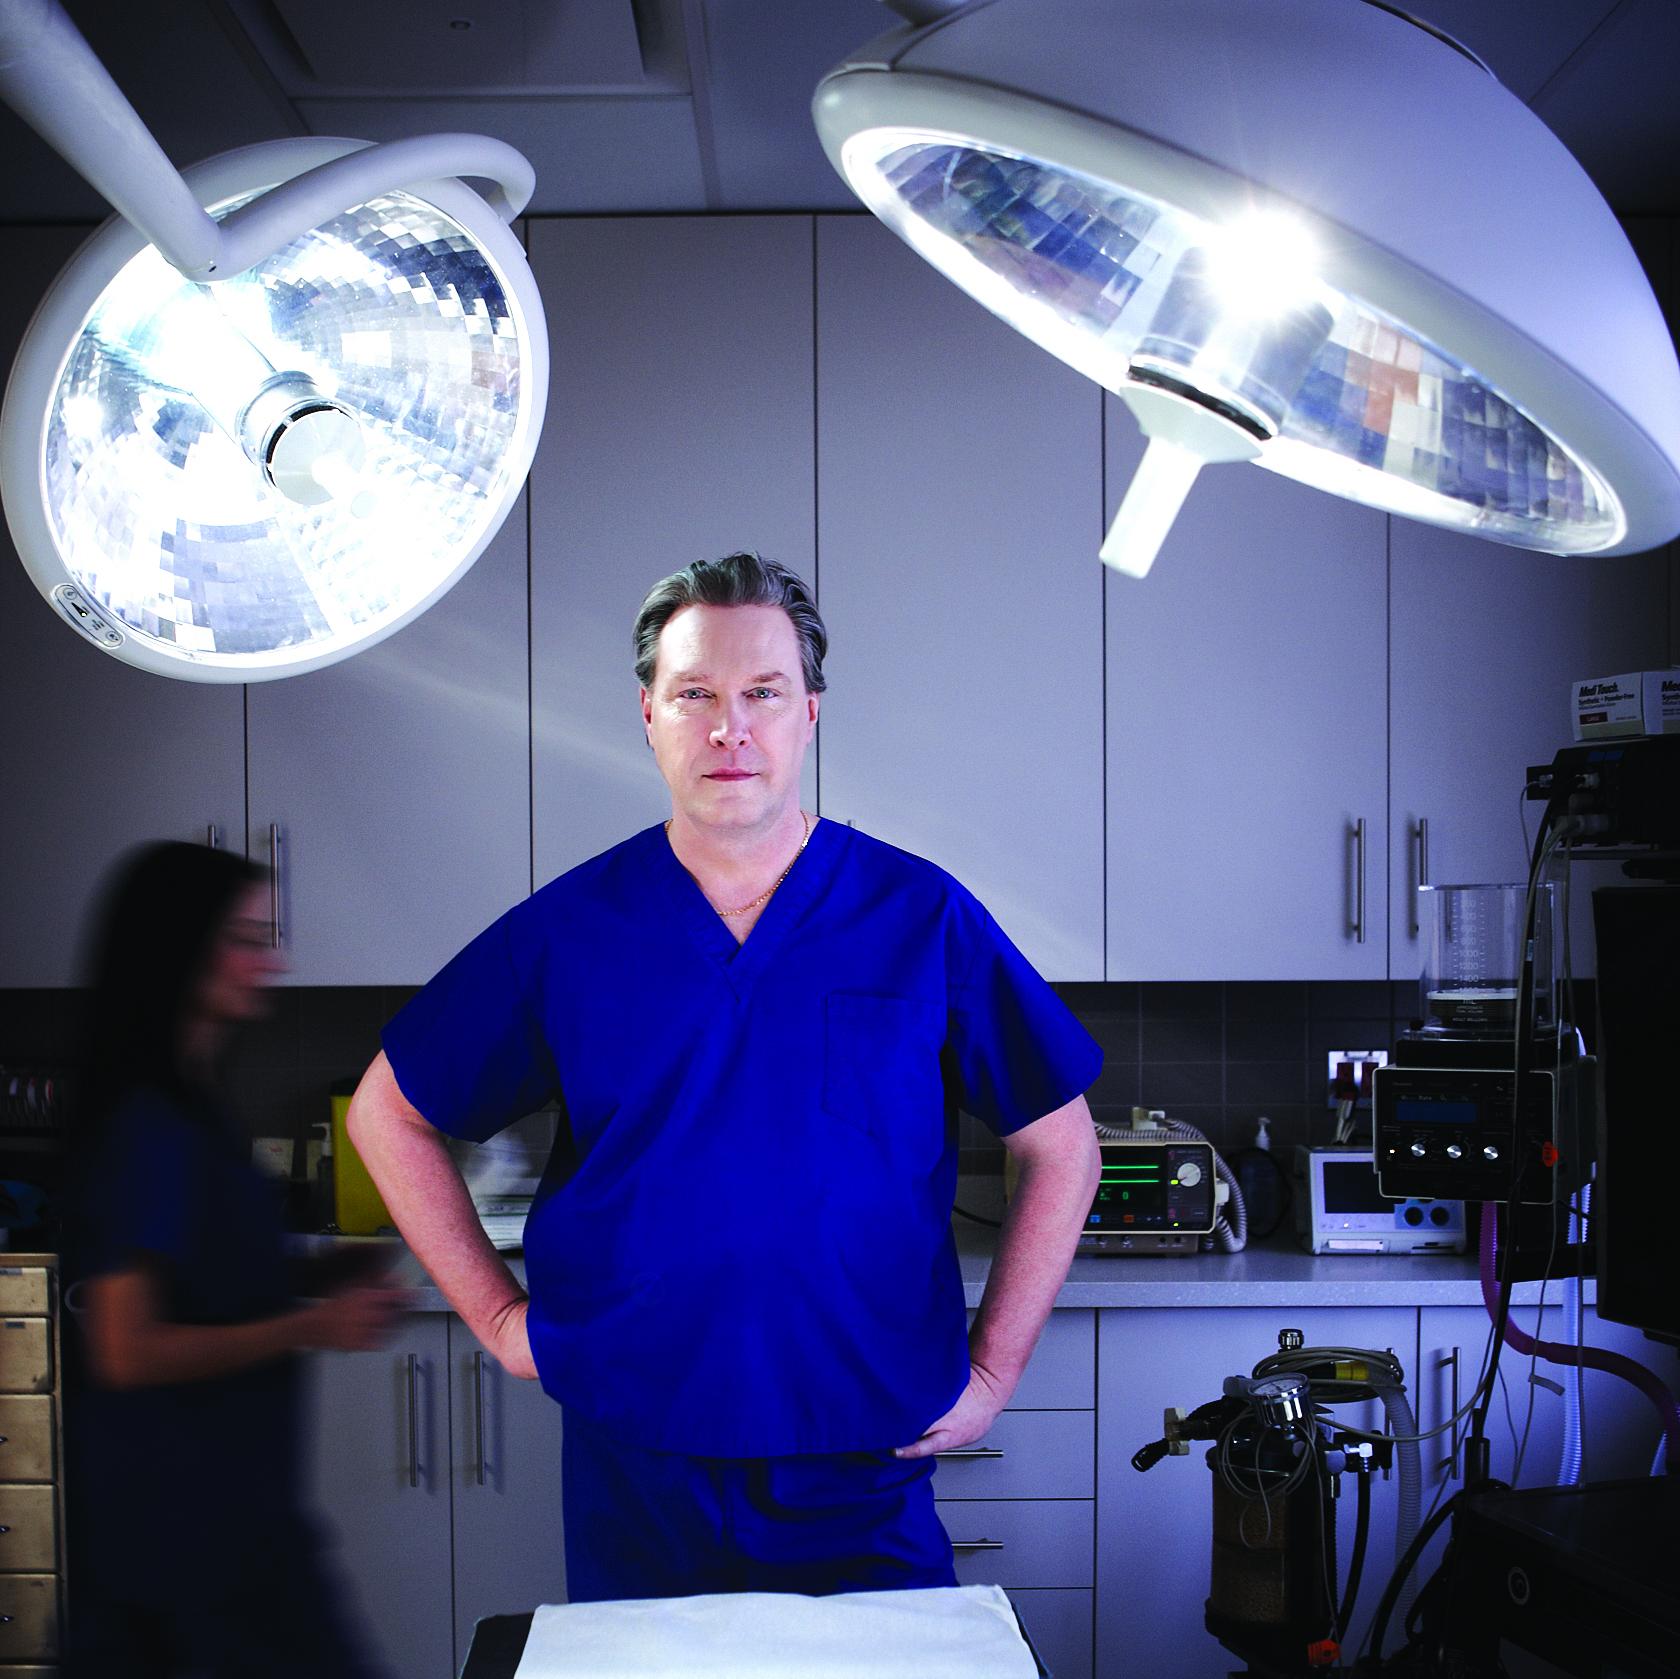 Dr. Sean Rice